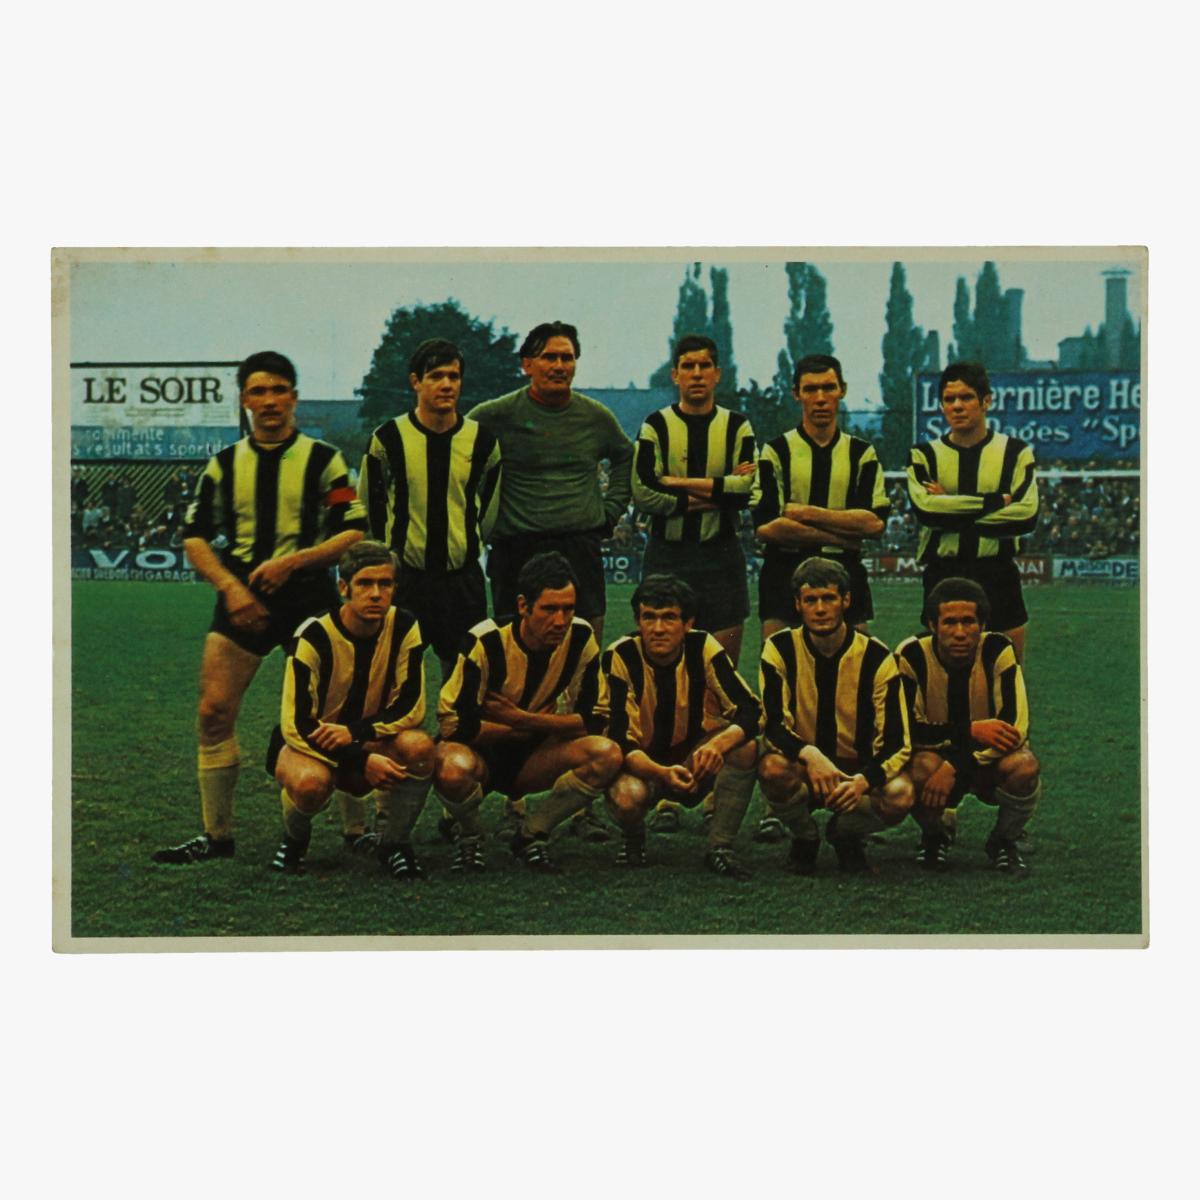 Afbeeldingen van oude postkaart voetbal f.c tournai